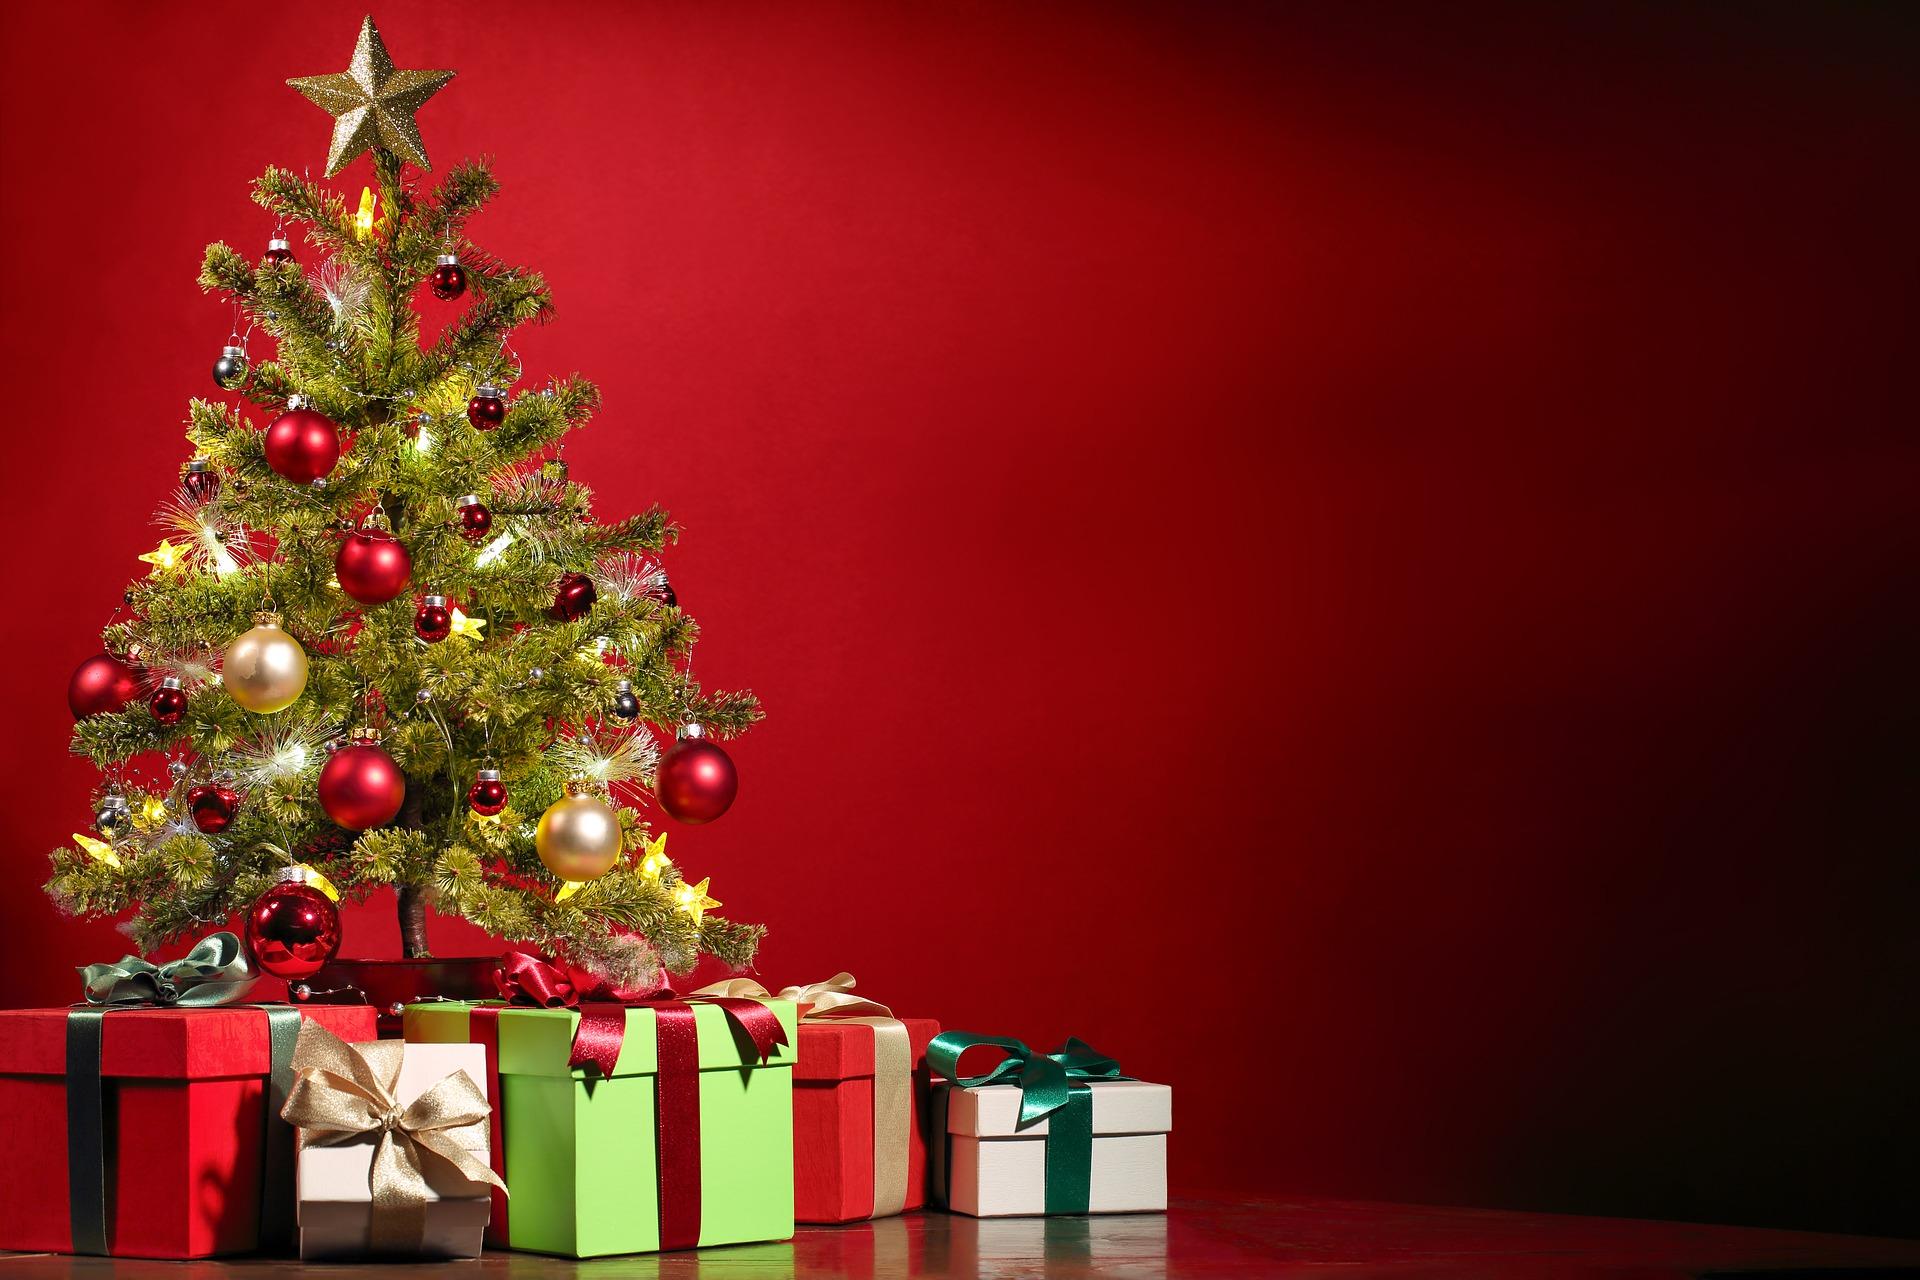 Vendas de Natal em shoppings crescem 5,5% em 2018